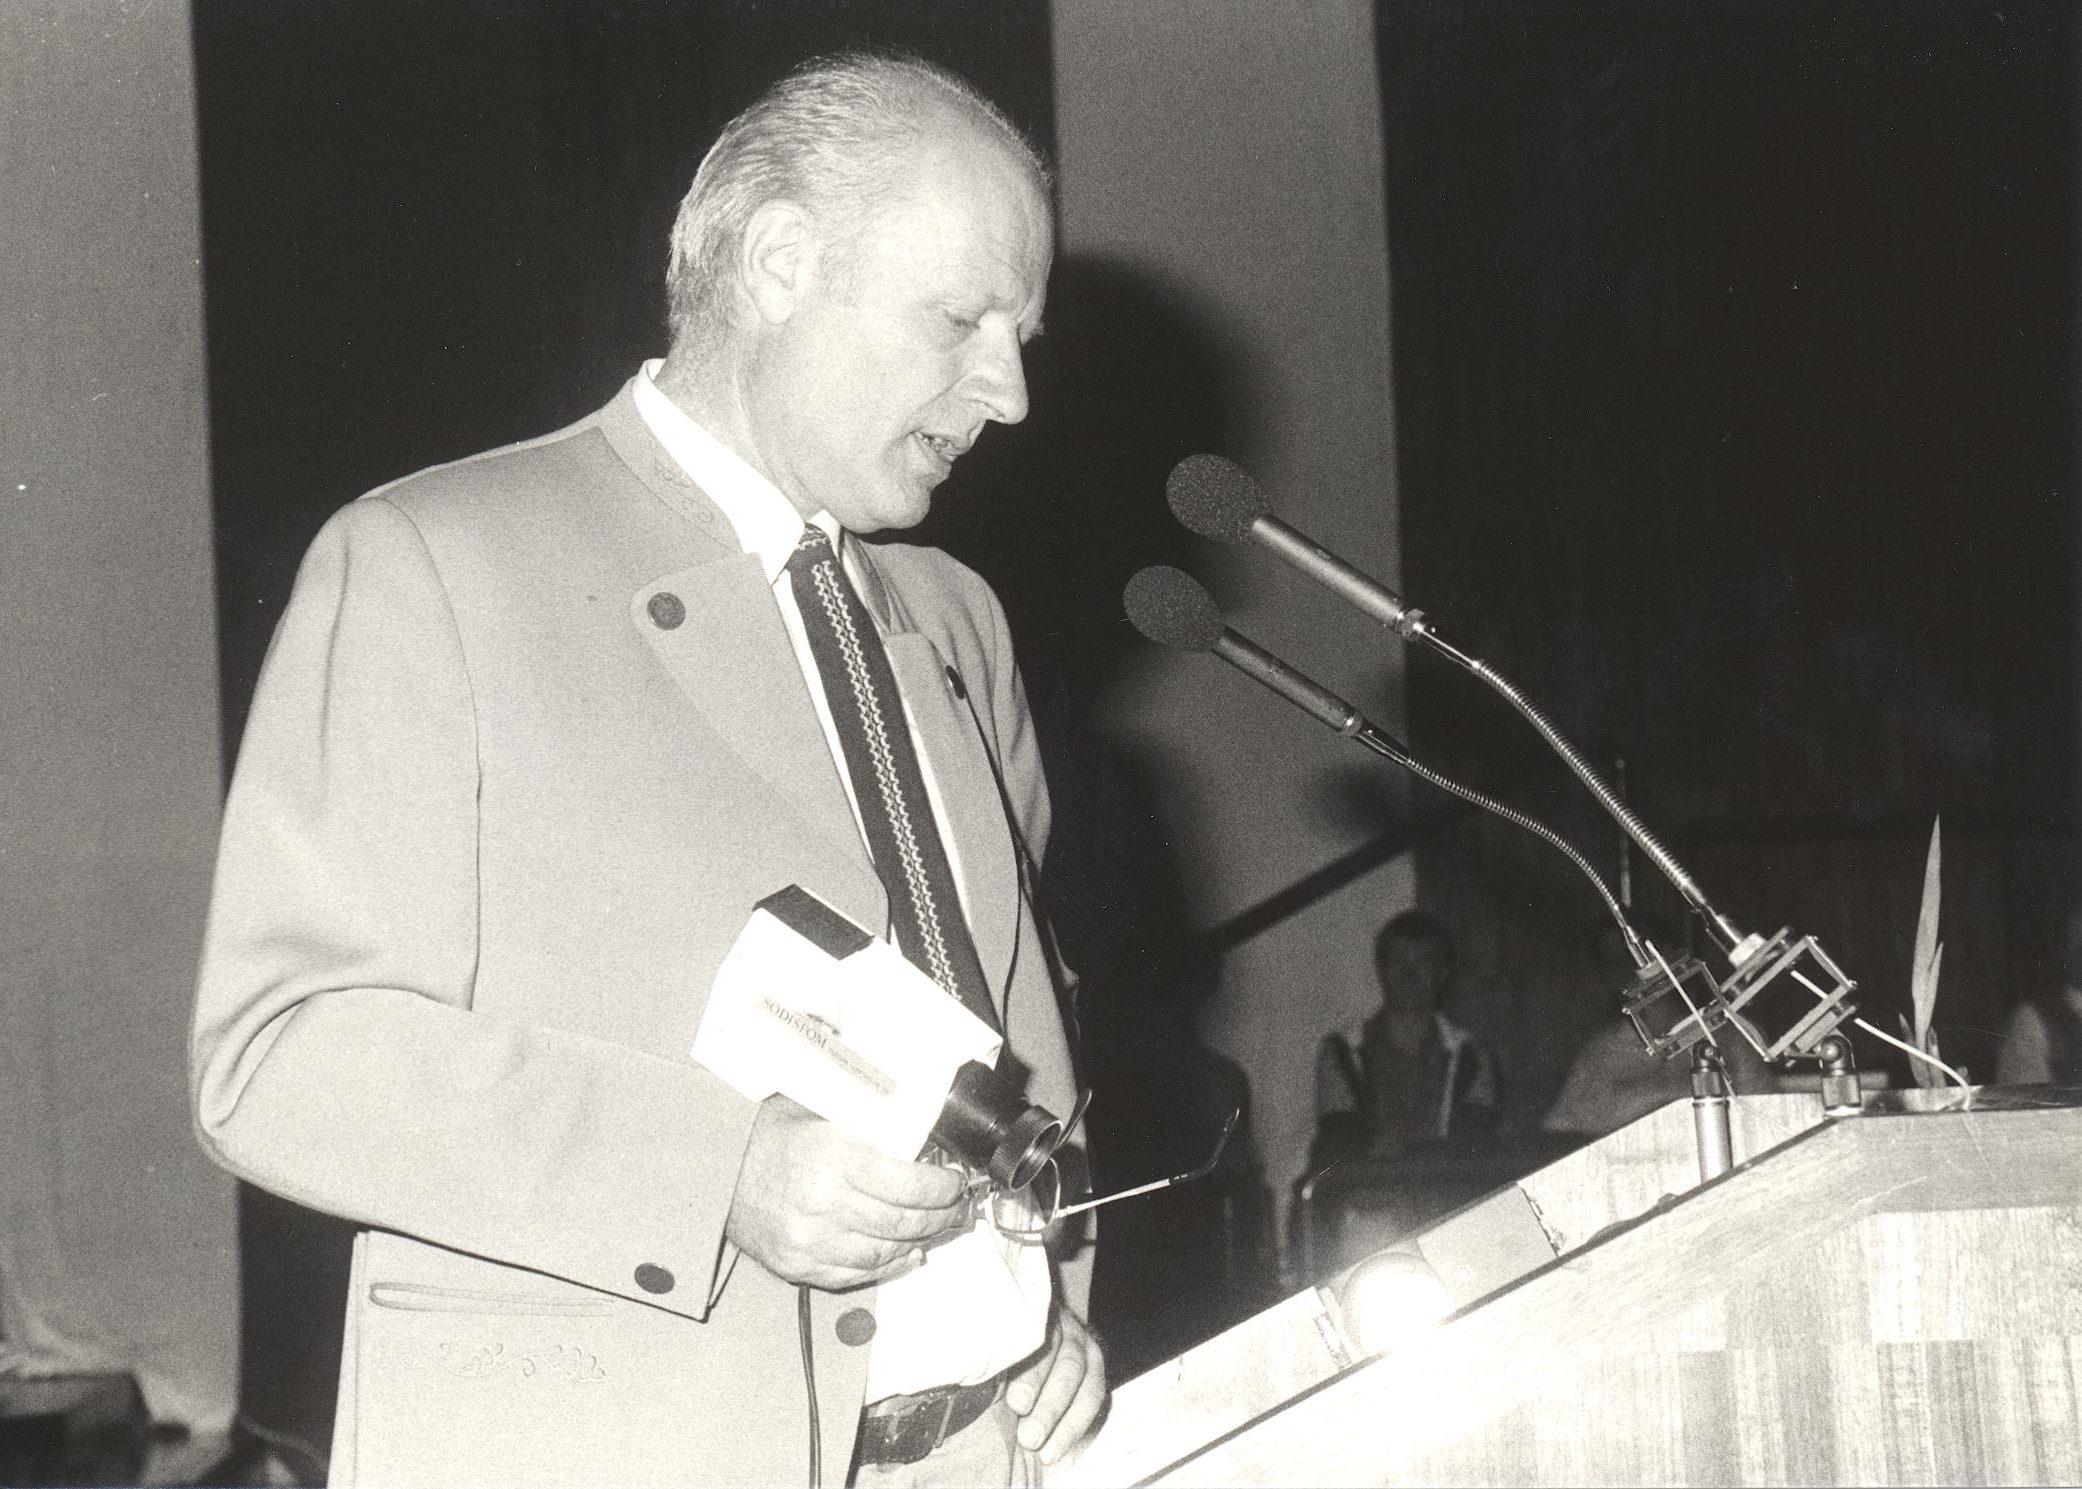 VIII. Internat. Imago Mundi-Kongress 1980, Innsbruck, Prof. Dr. Ing. Herbert L. König